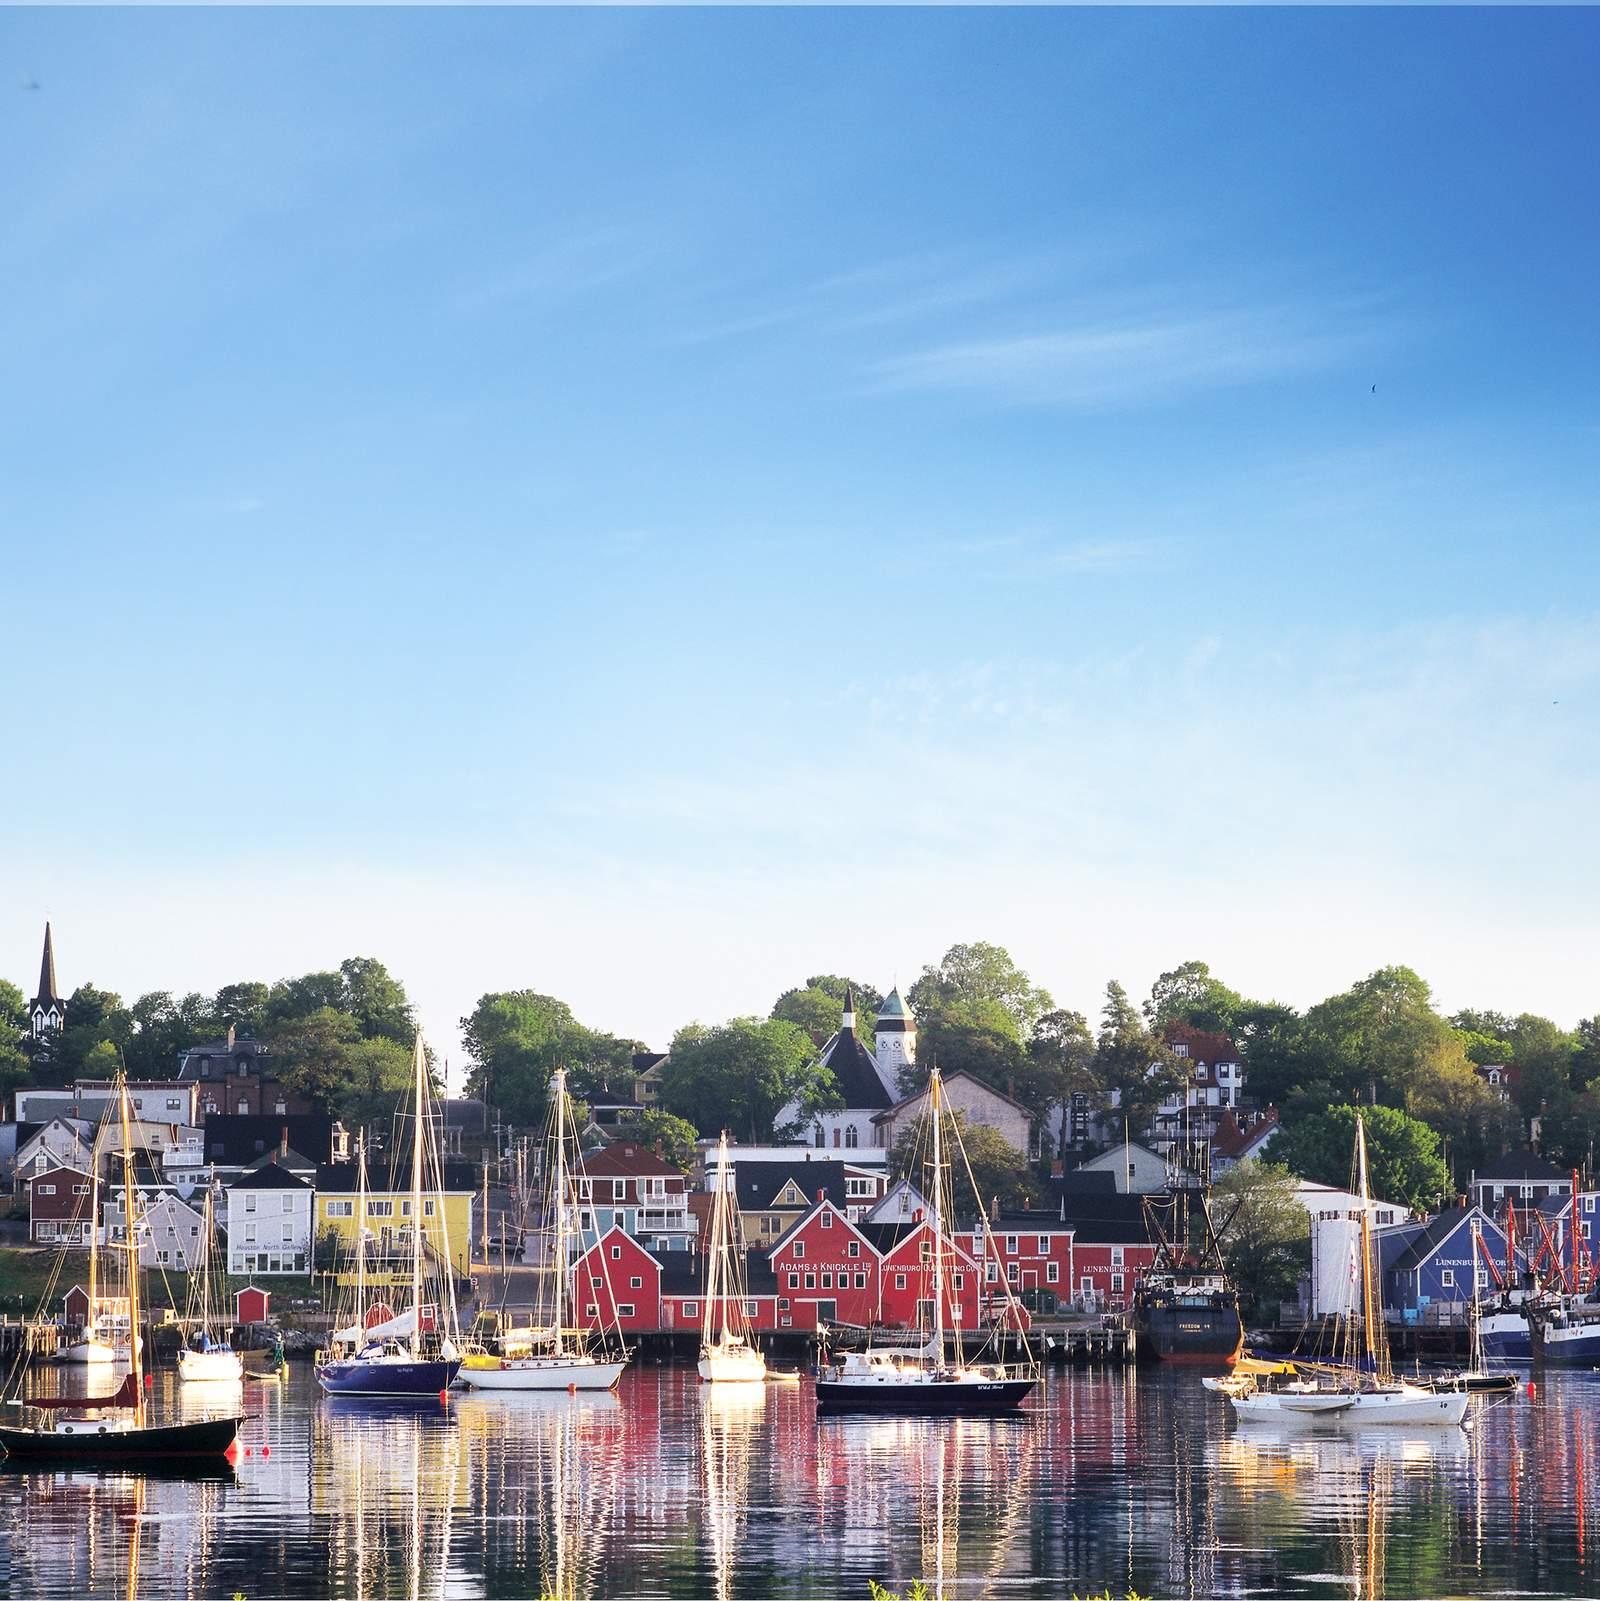 Hafen von Lunenburg, Nova Scotia